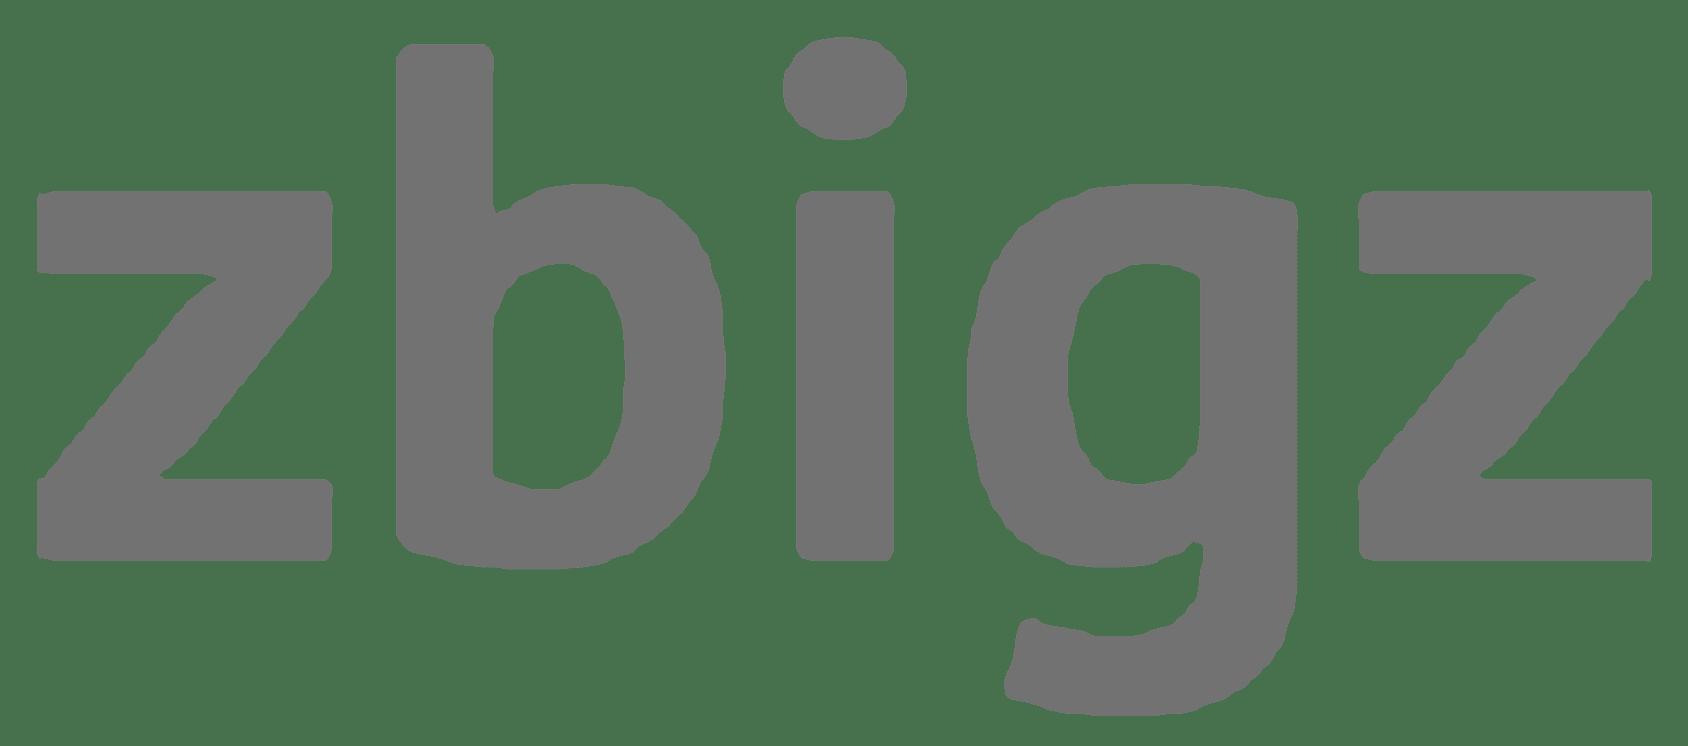 Zbigz.com Logo Main